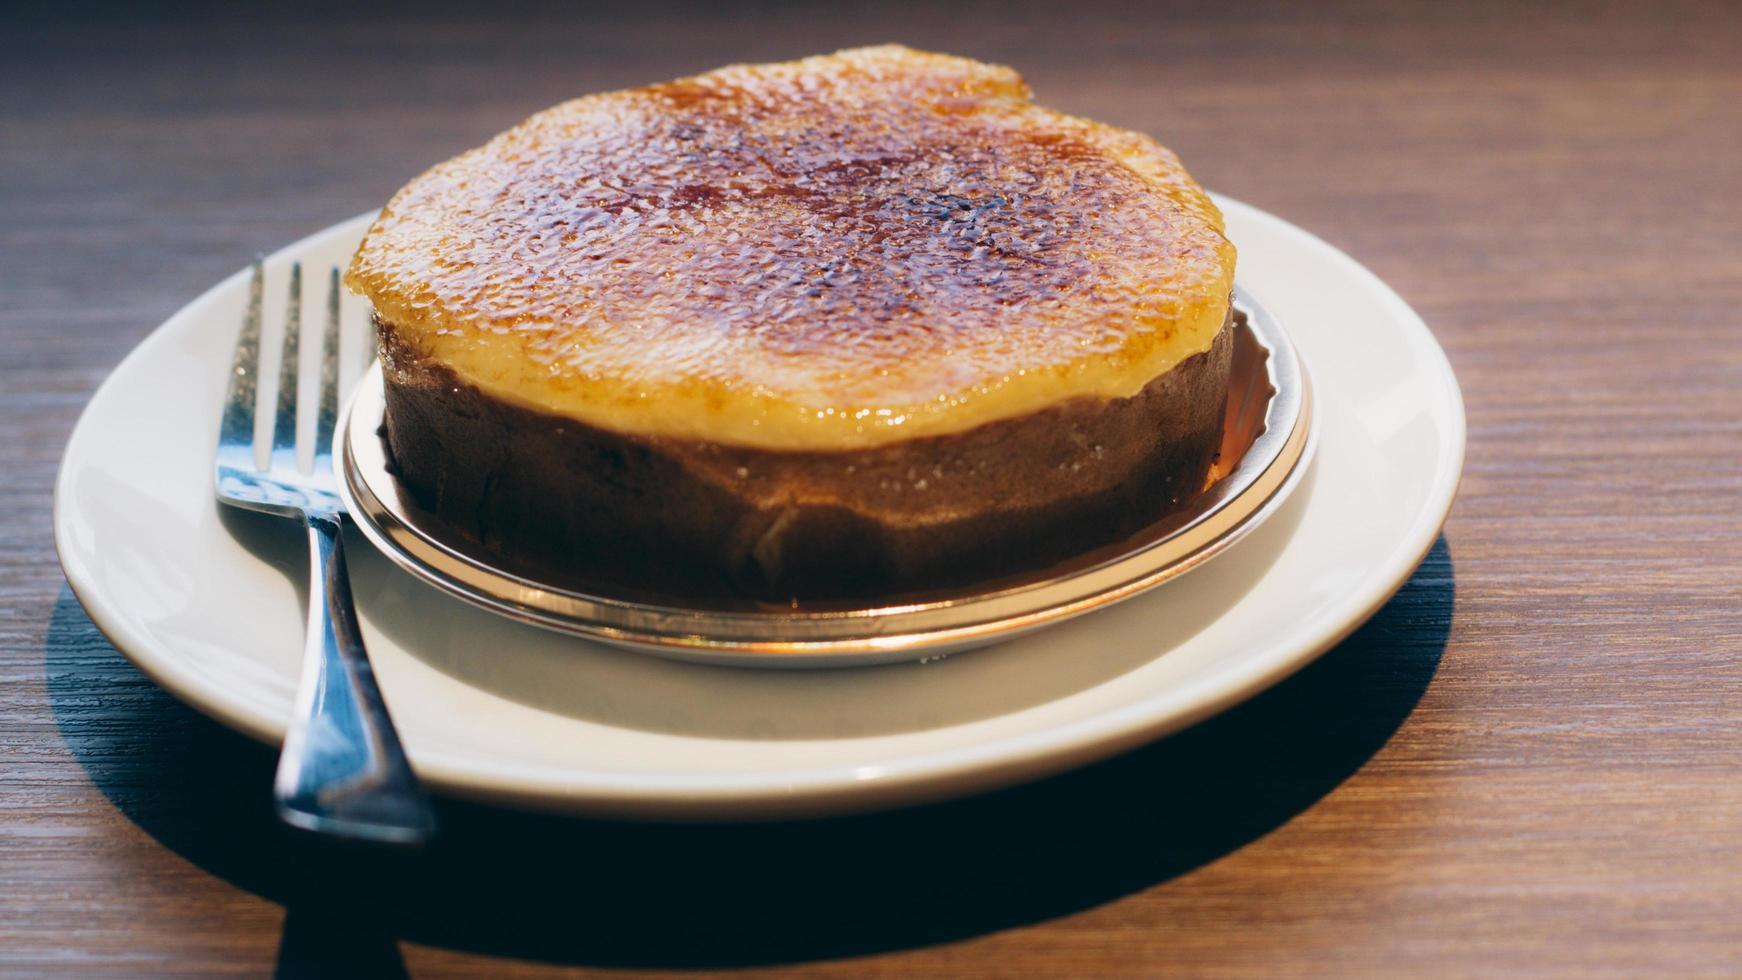 flan caramélisé sur une assiette photo